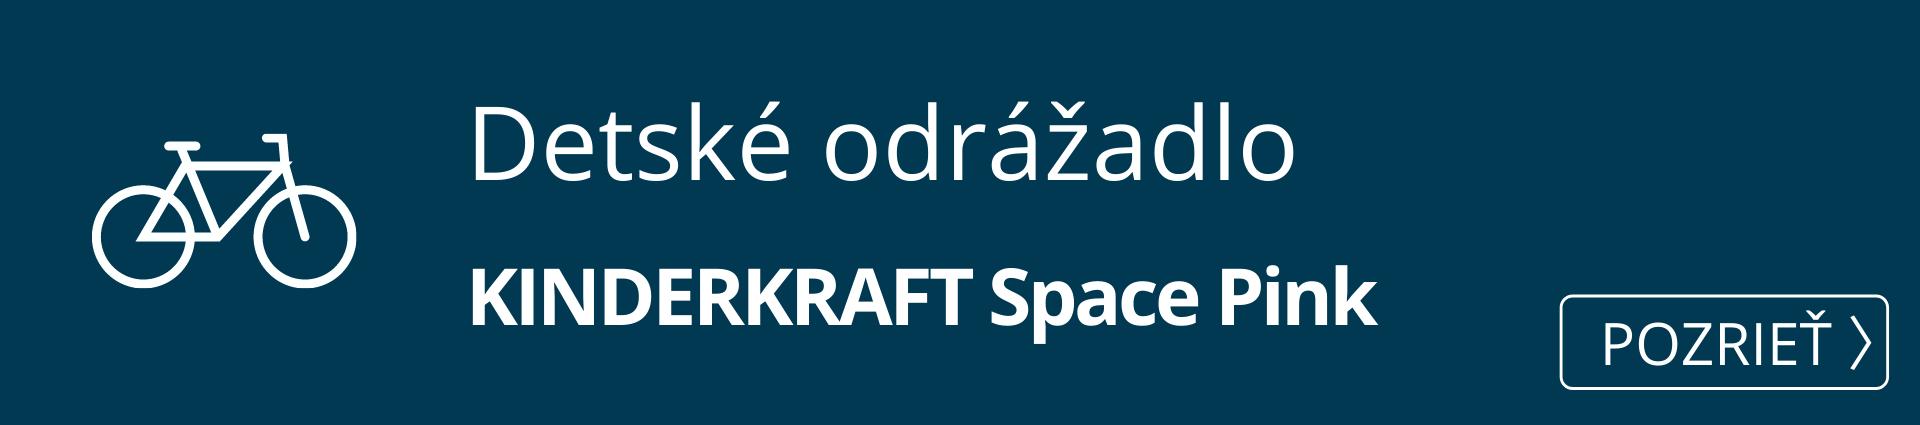 Detské odrážadlo KINDERKRAFT Space Pink